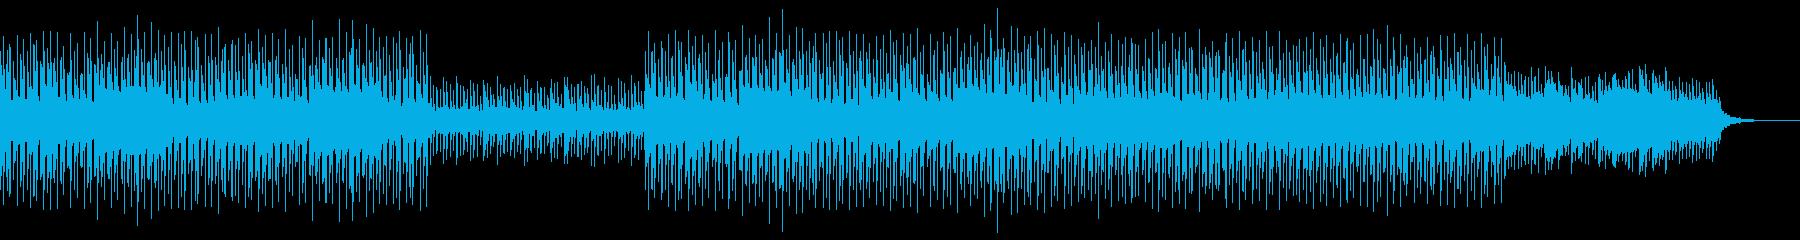 ゆったりとした浮遊感のあるほのぼのした曲の再生済みの波形